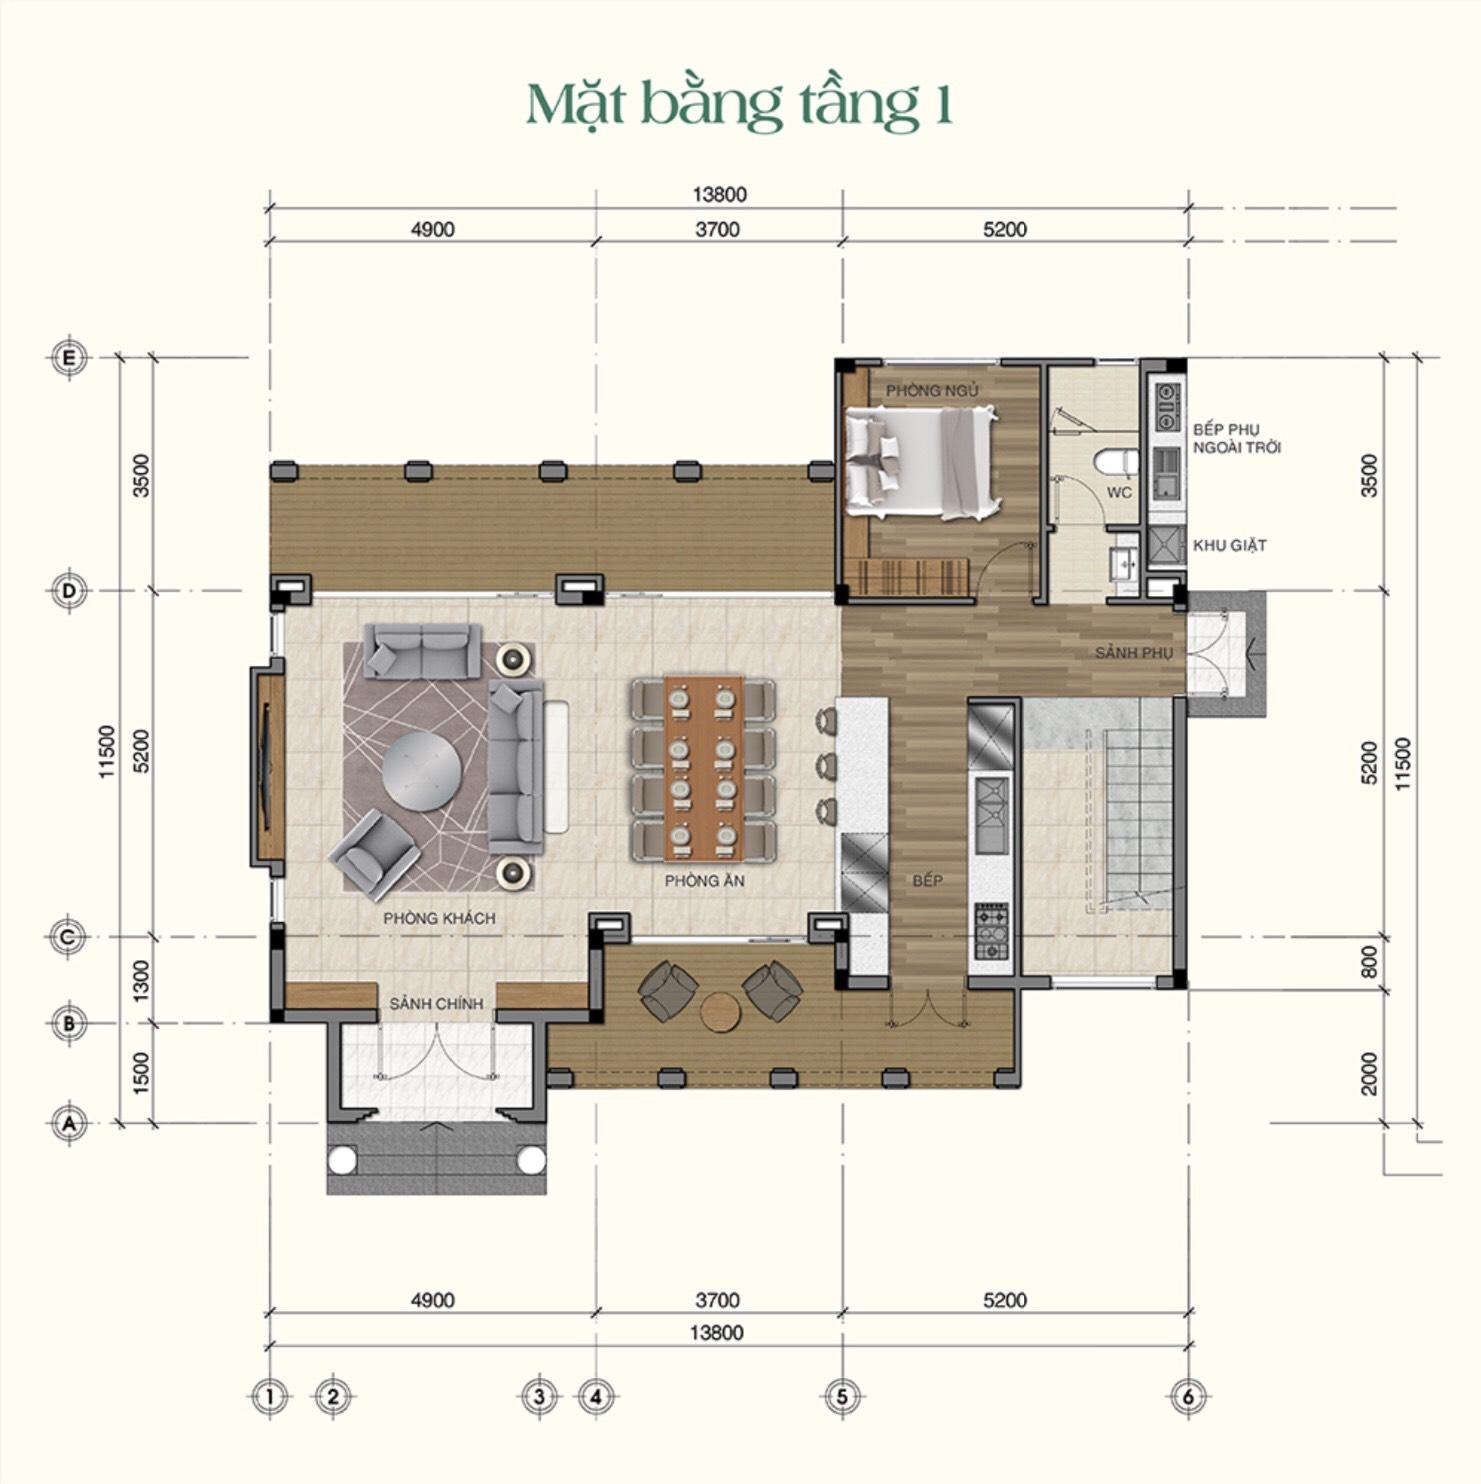 Thiết kế chi tiết tầng 1 mẫu biệt thự Saigon Garden Riveverside Village Quận 9